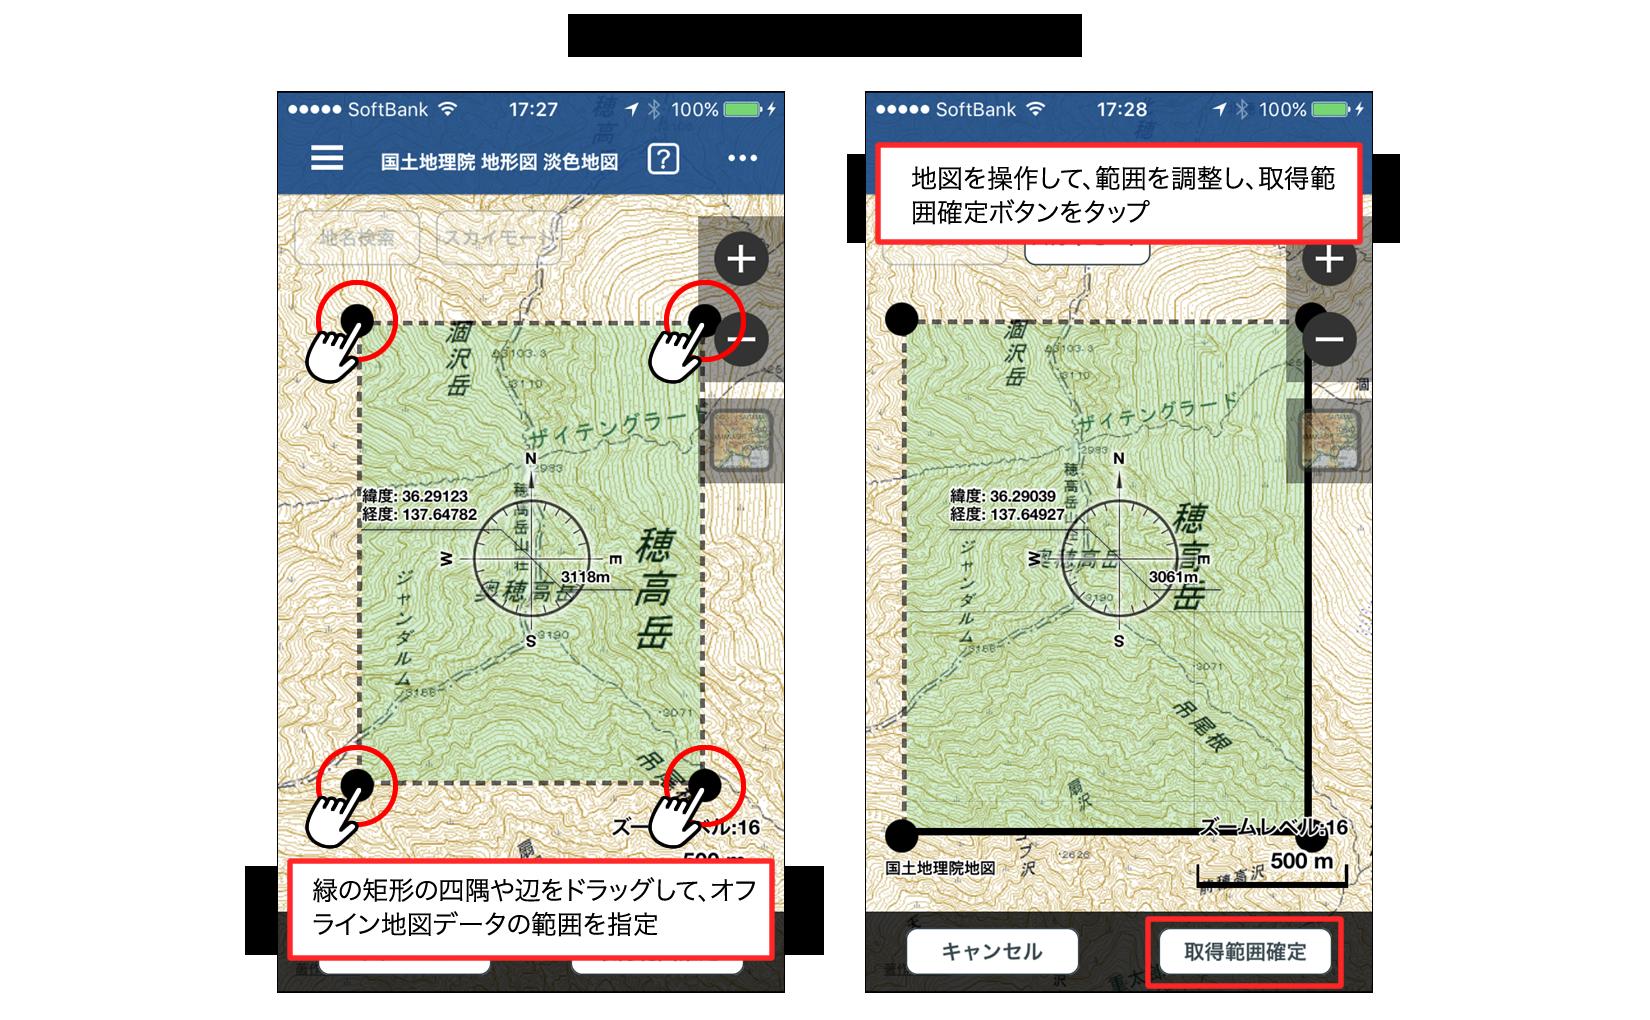 オフライン地図データの範囲を指定